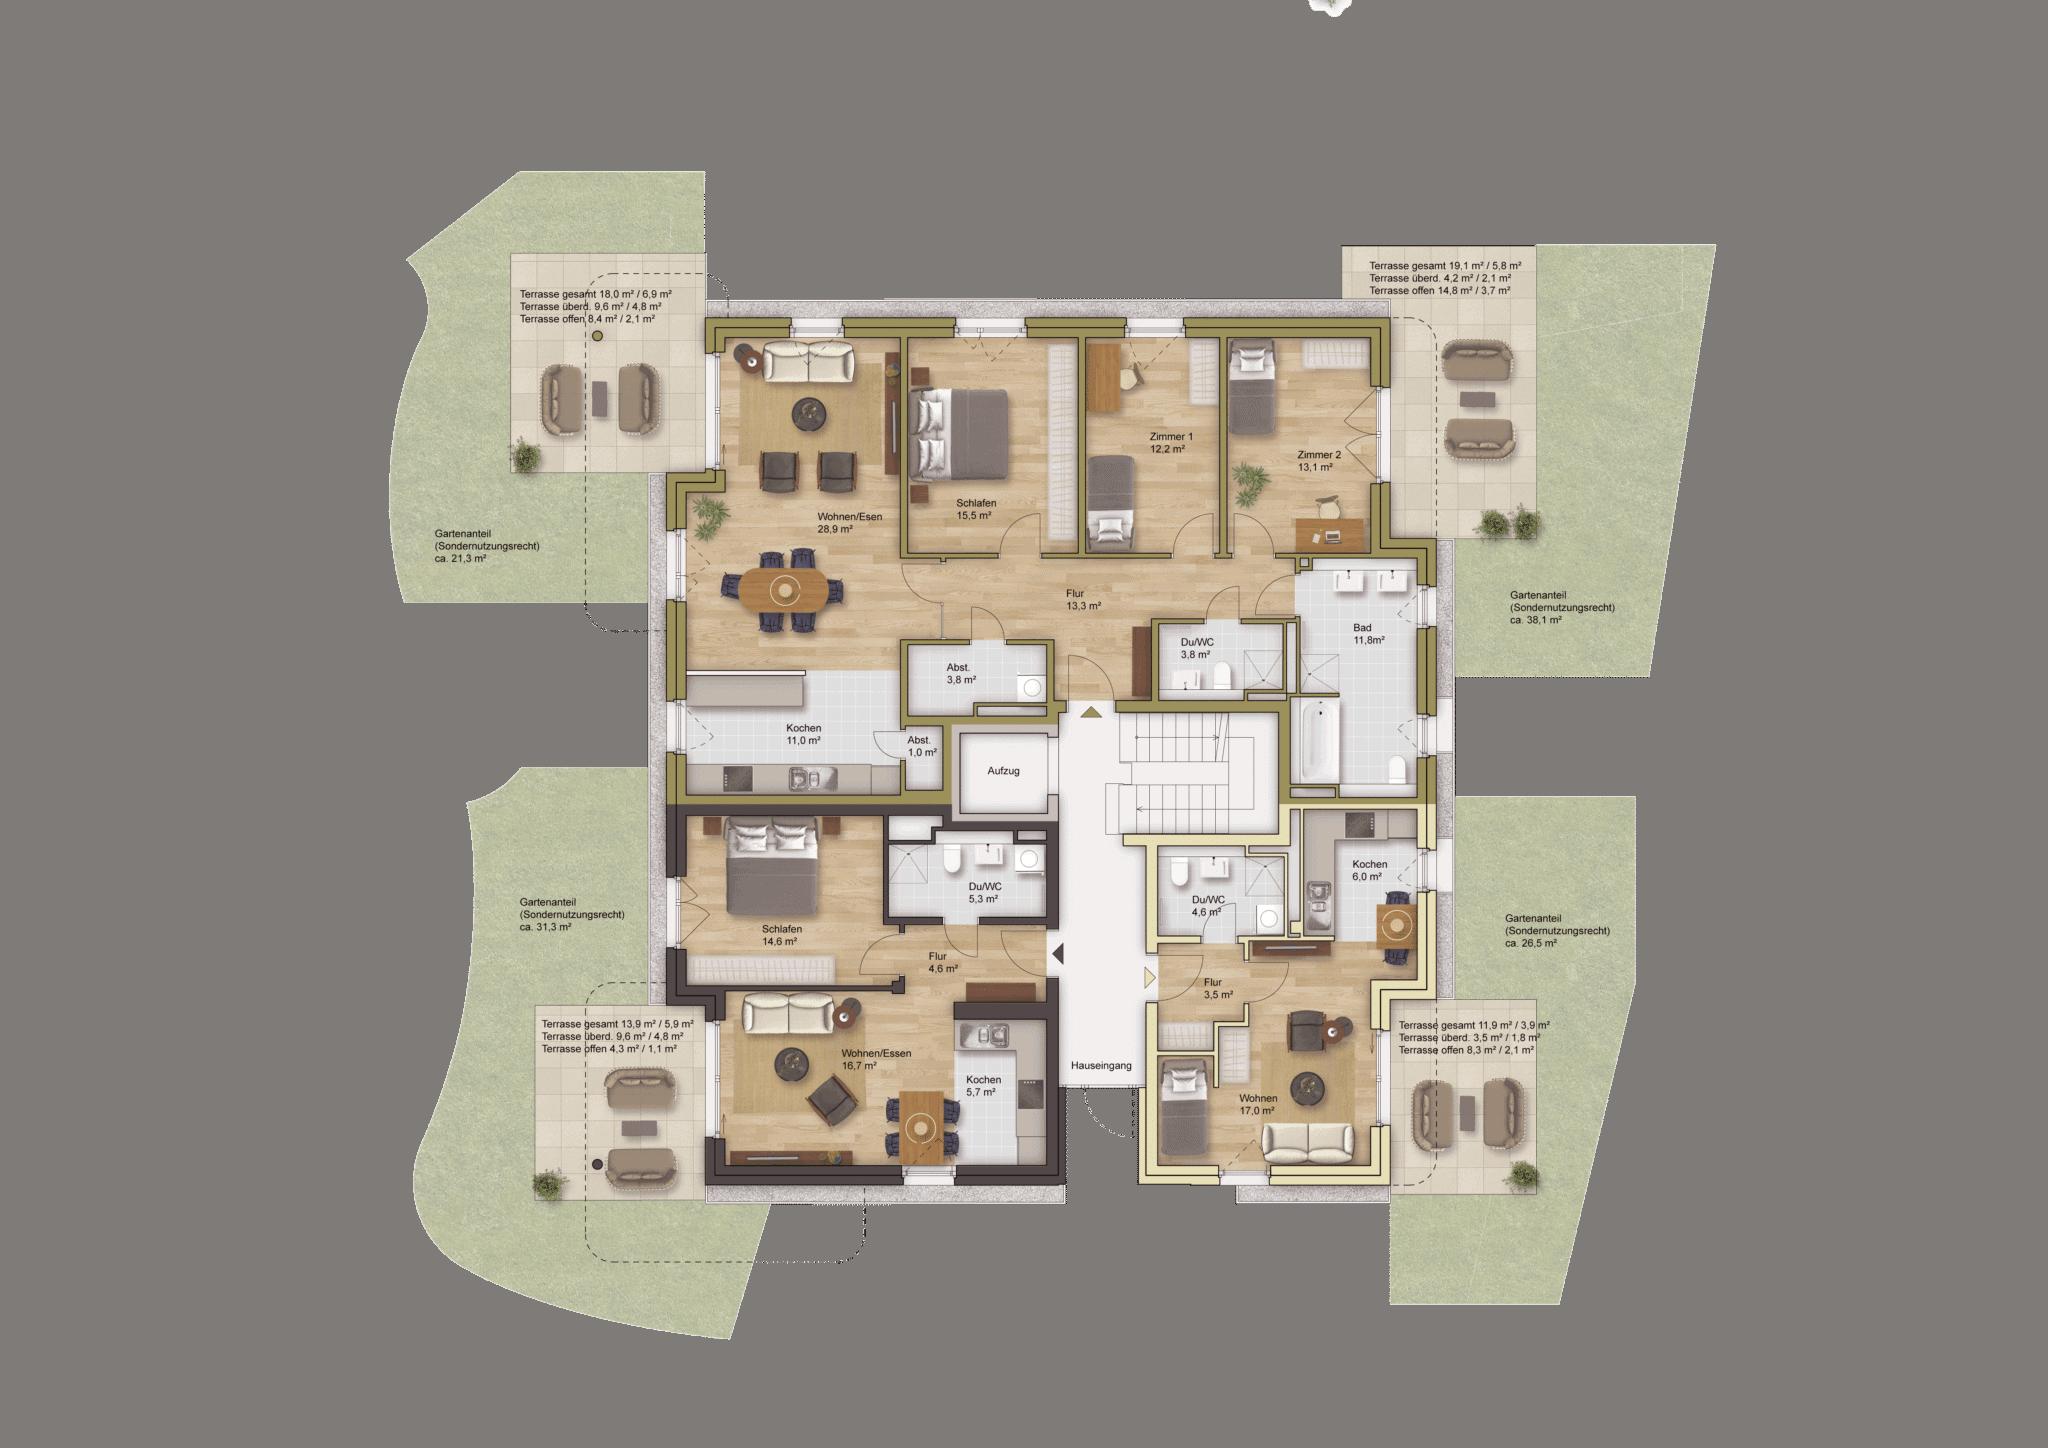 Haus_101_EG_2020_12_10_gesamt_ret_web